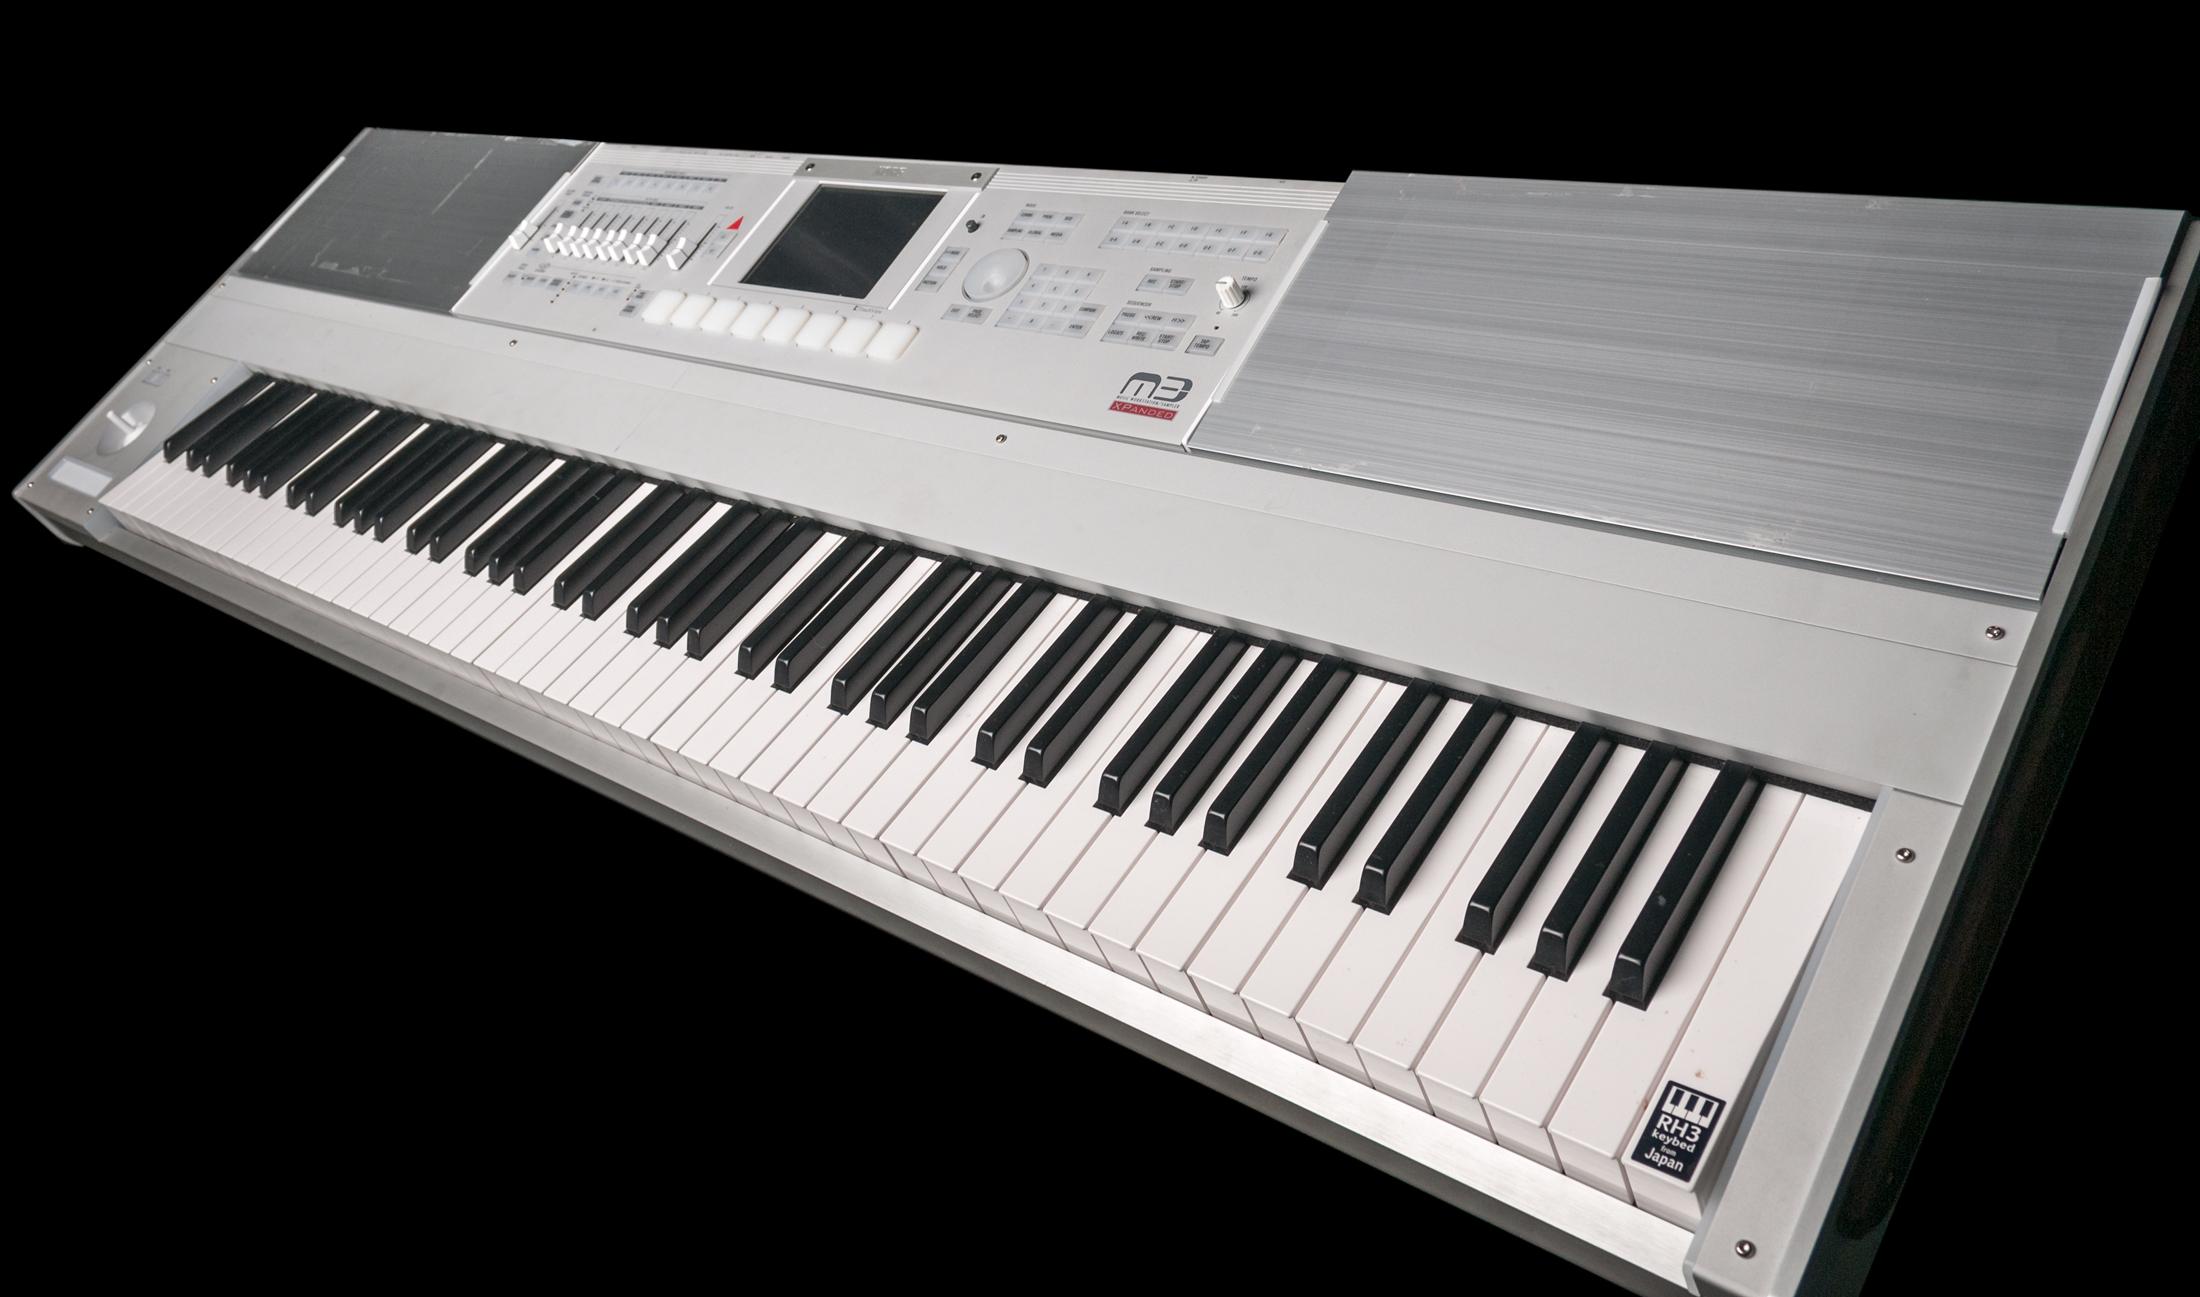 used korg m3 88 music workstation keyboard ebay. Black Bedroom Furniture Sets. Home Design Ideas